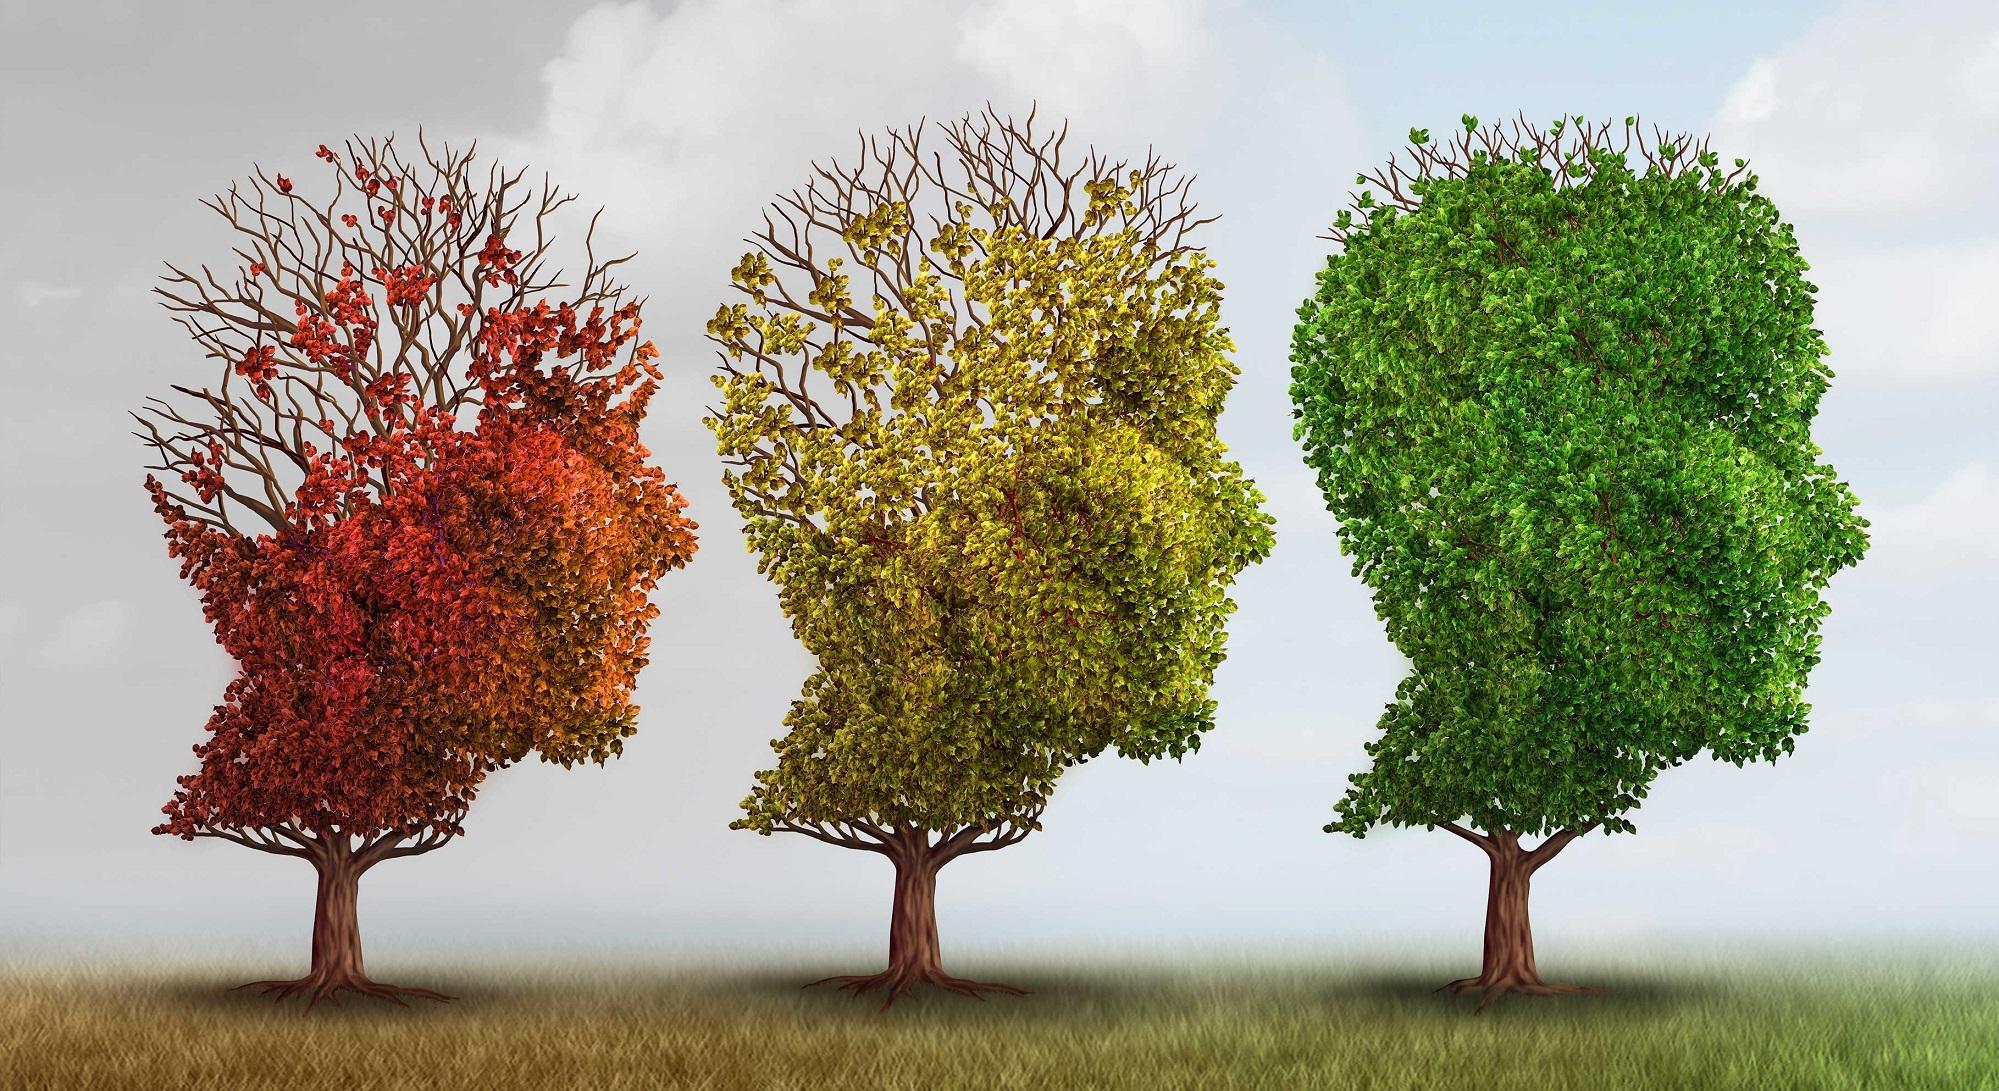 Диабетът тип 2 и болестта на Алцхаймер са свързани